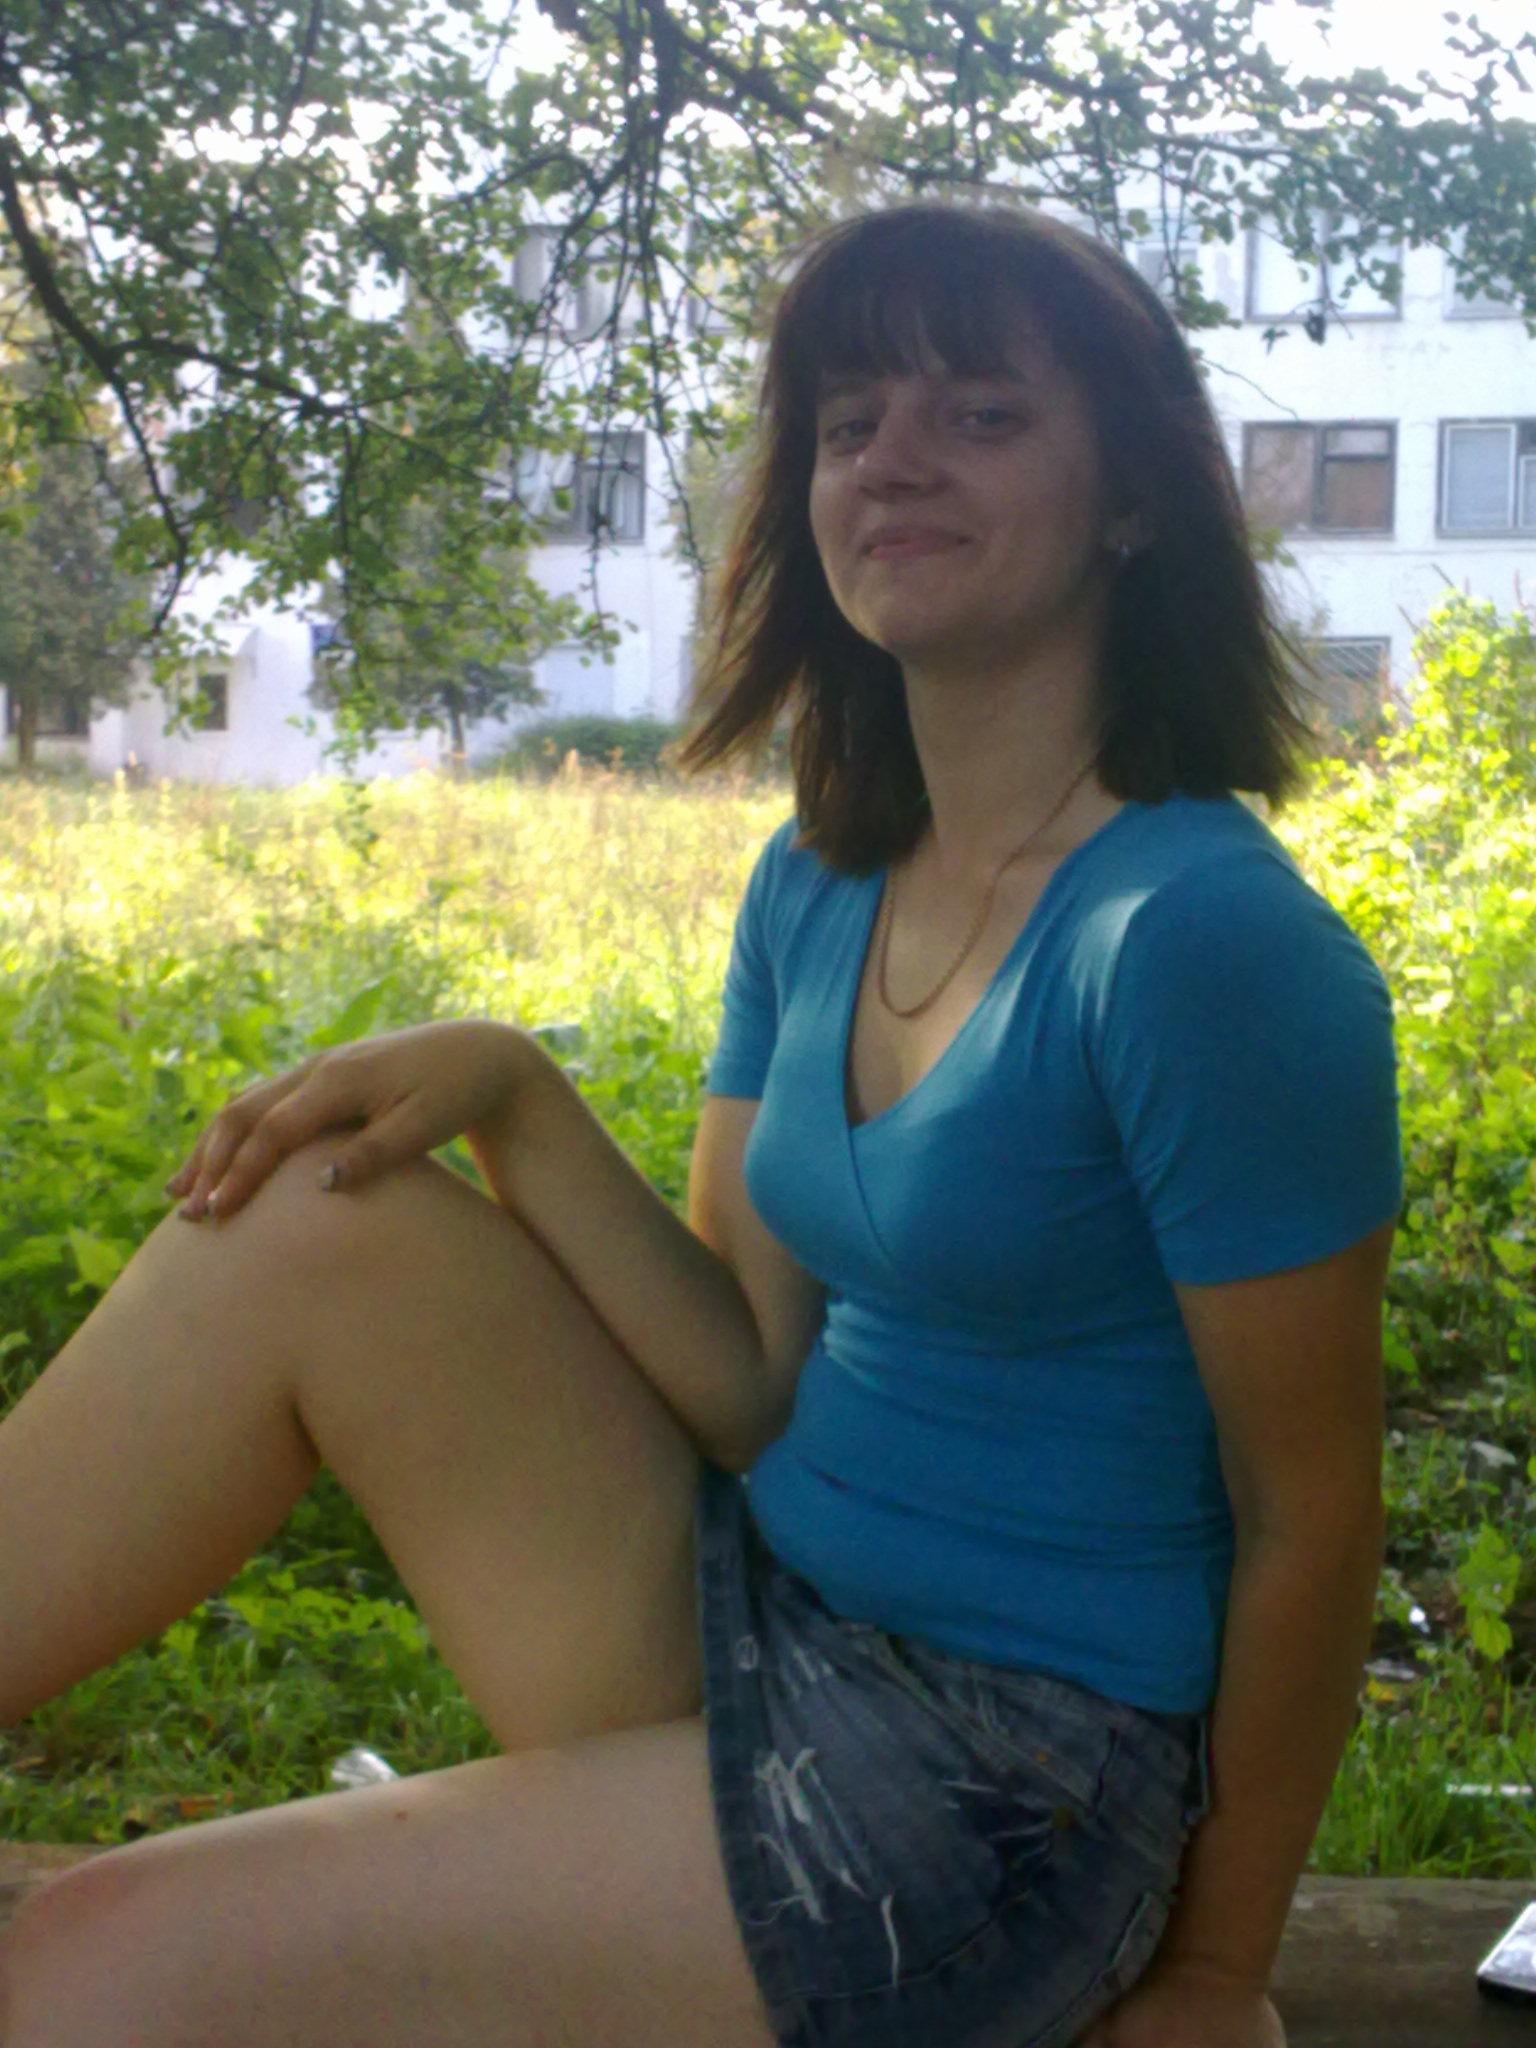 Сексуальная девушка в джинсовой мини-юбке